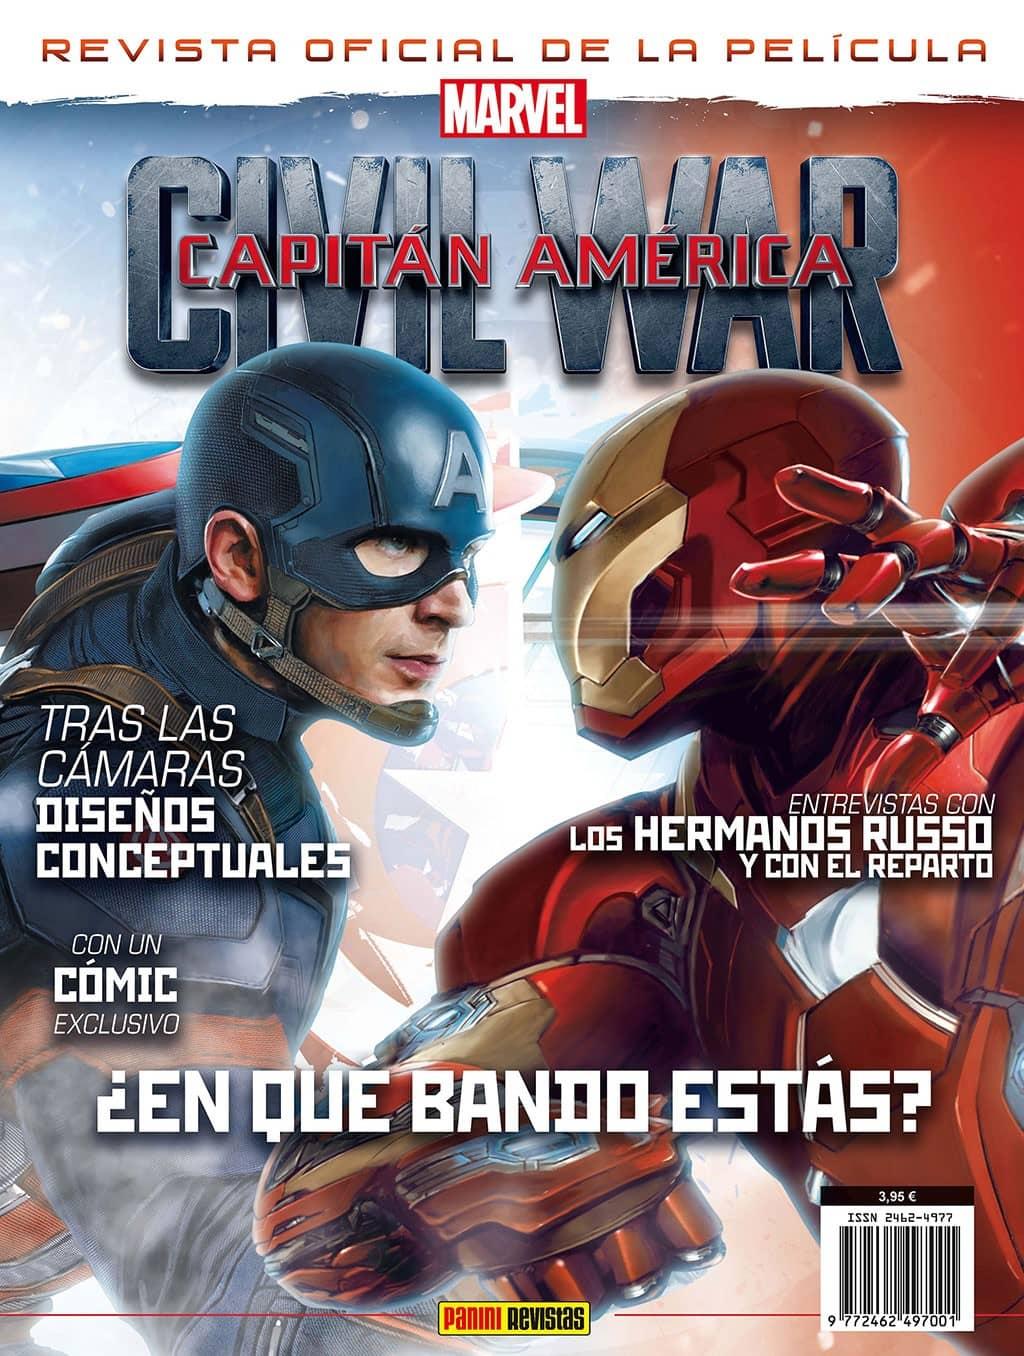 CIVIL WAR CAPITAN AMERICA 01 (REVISTA OFICIAL DE LA PELICULA)